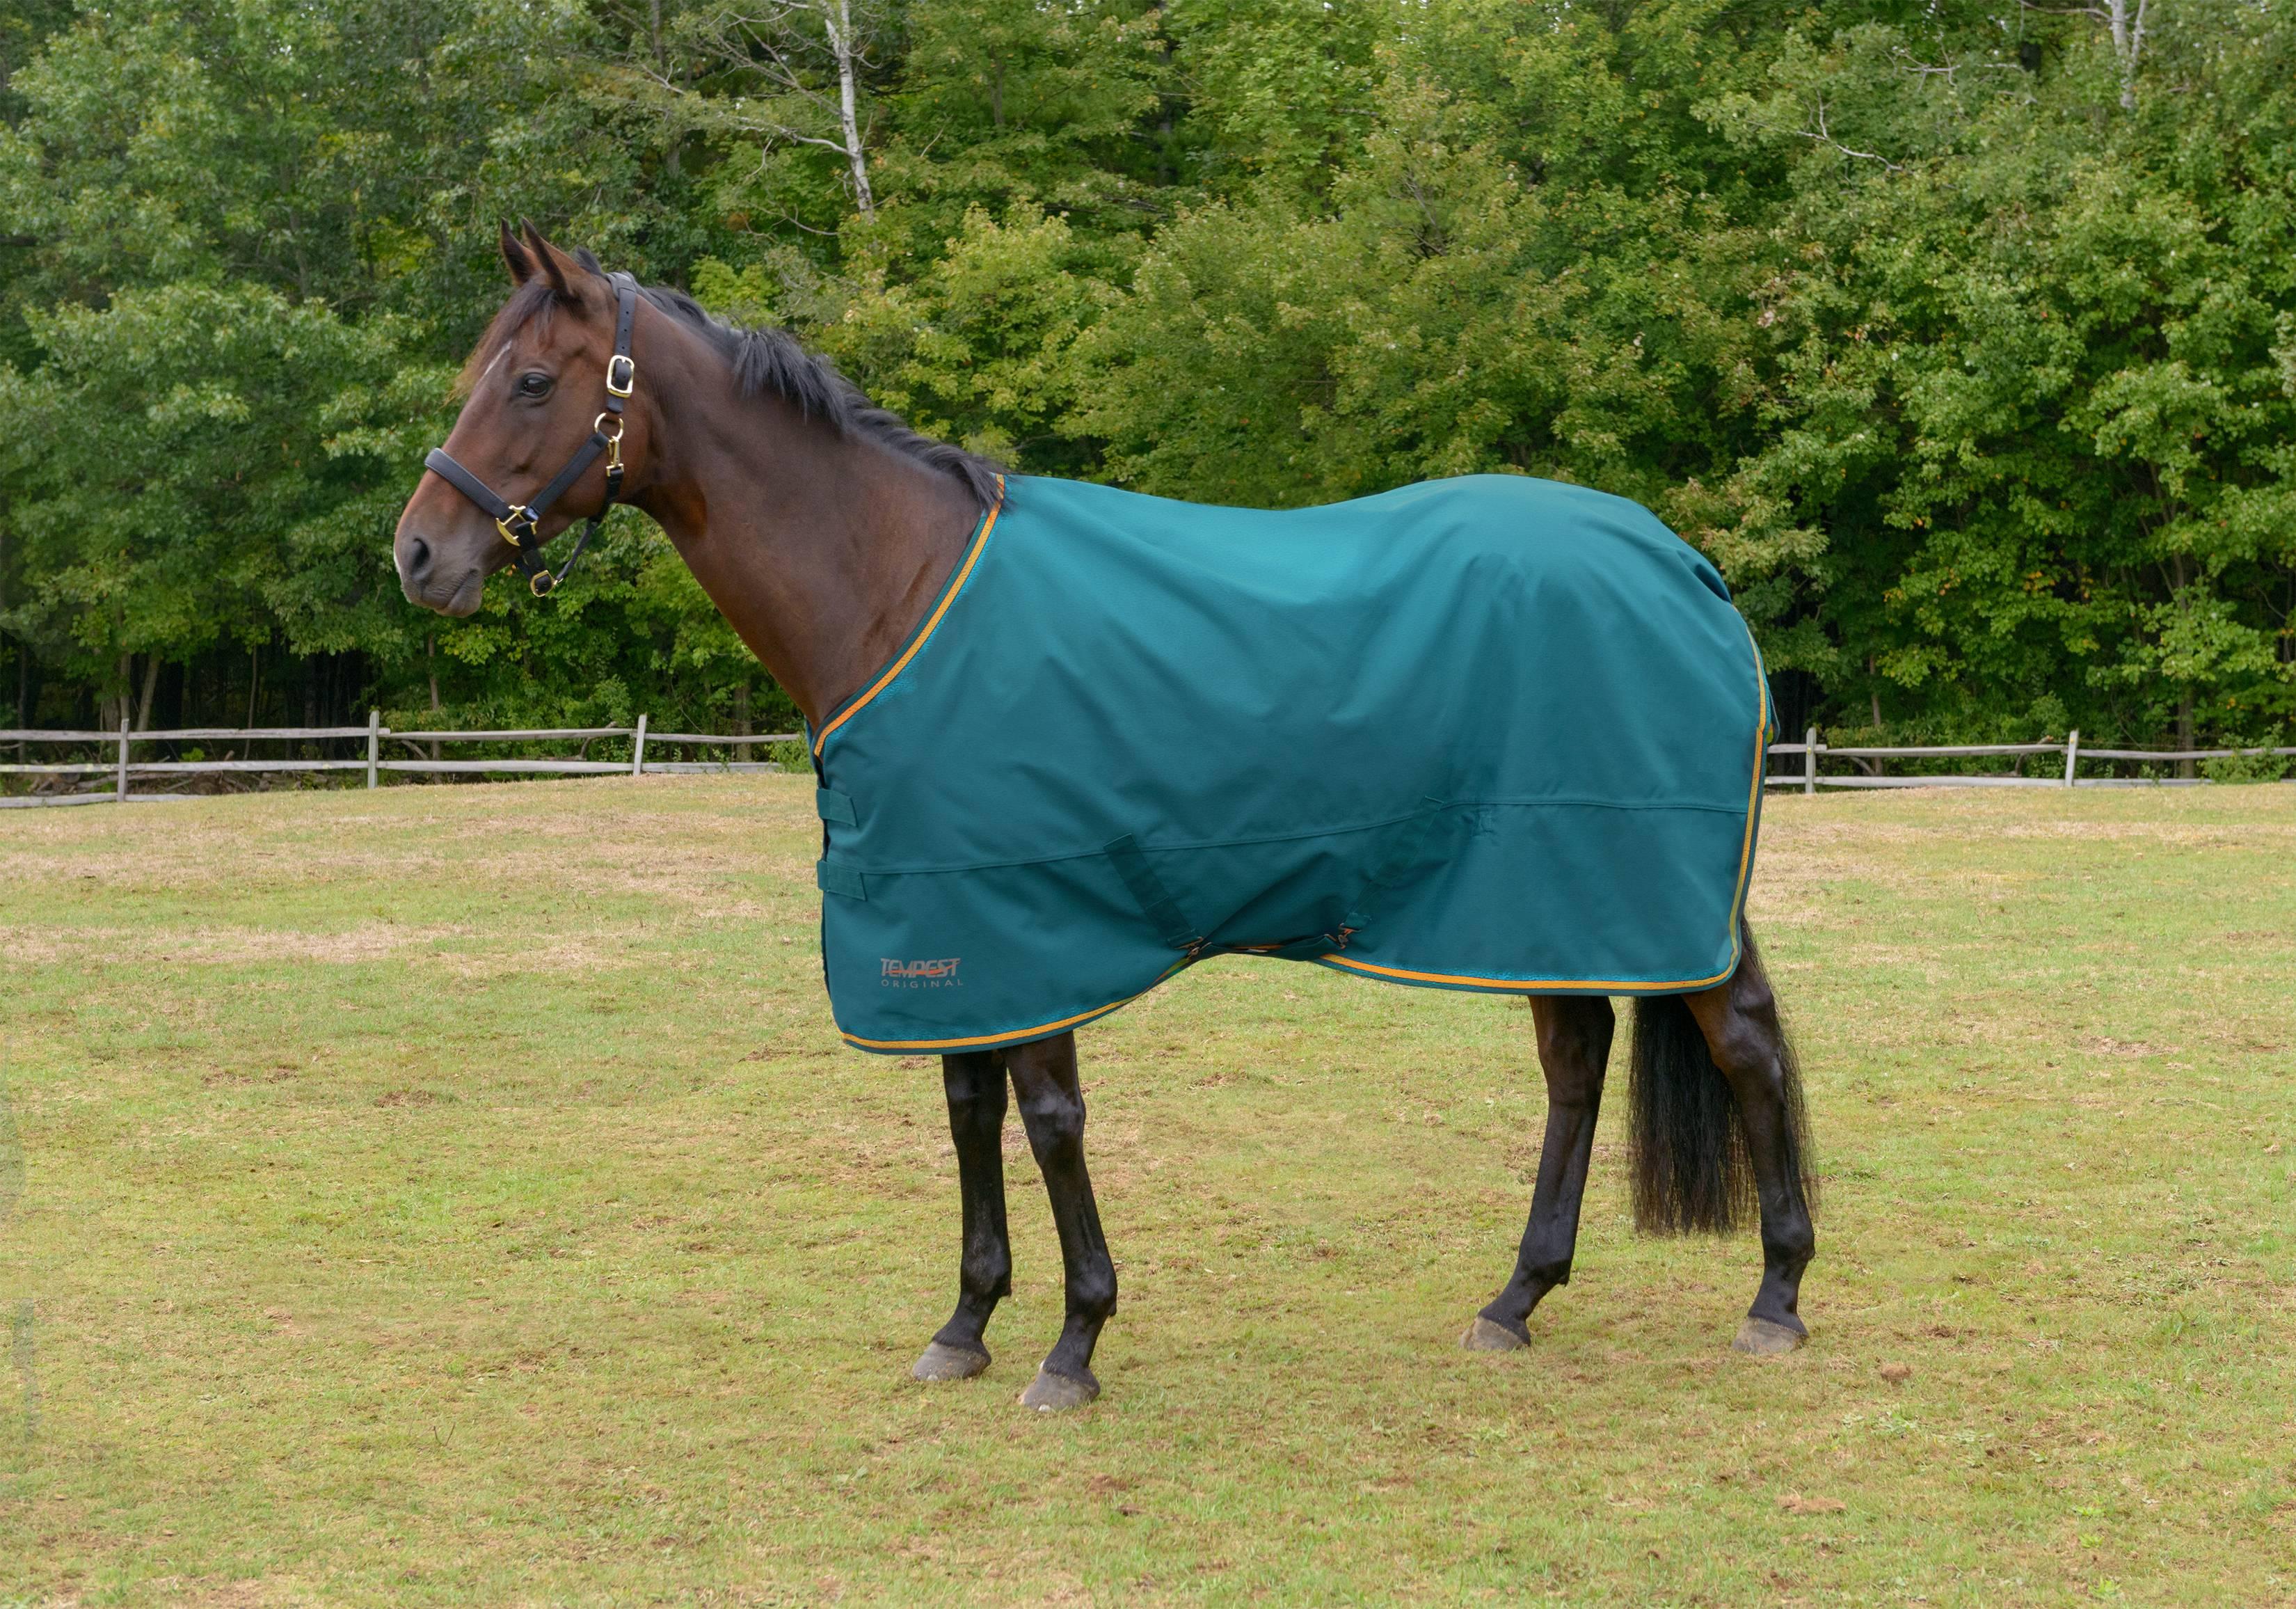 Shires Tempest 1200 Lite Turnout Blanket  eBay